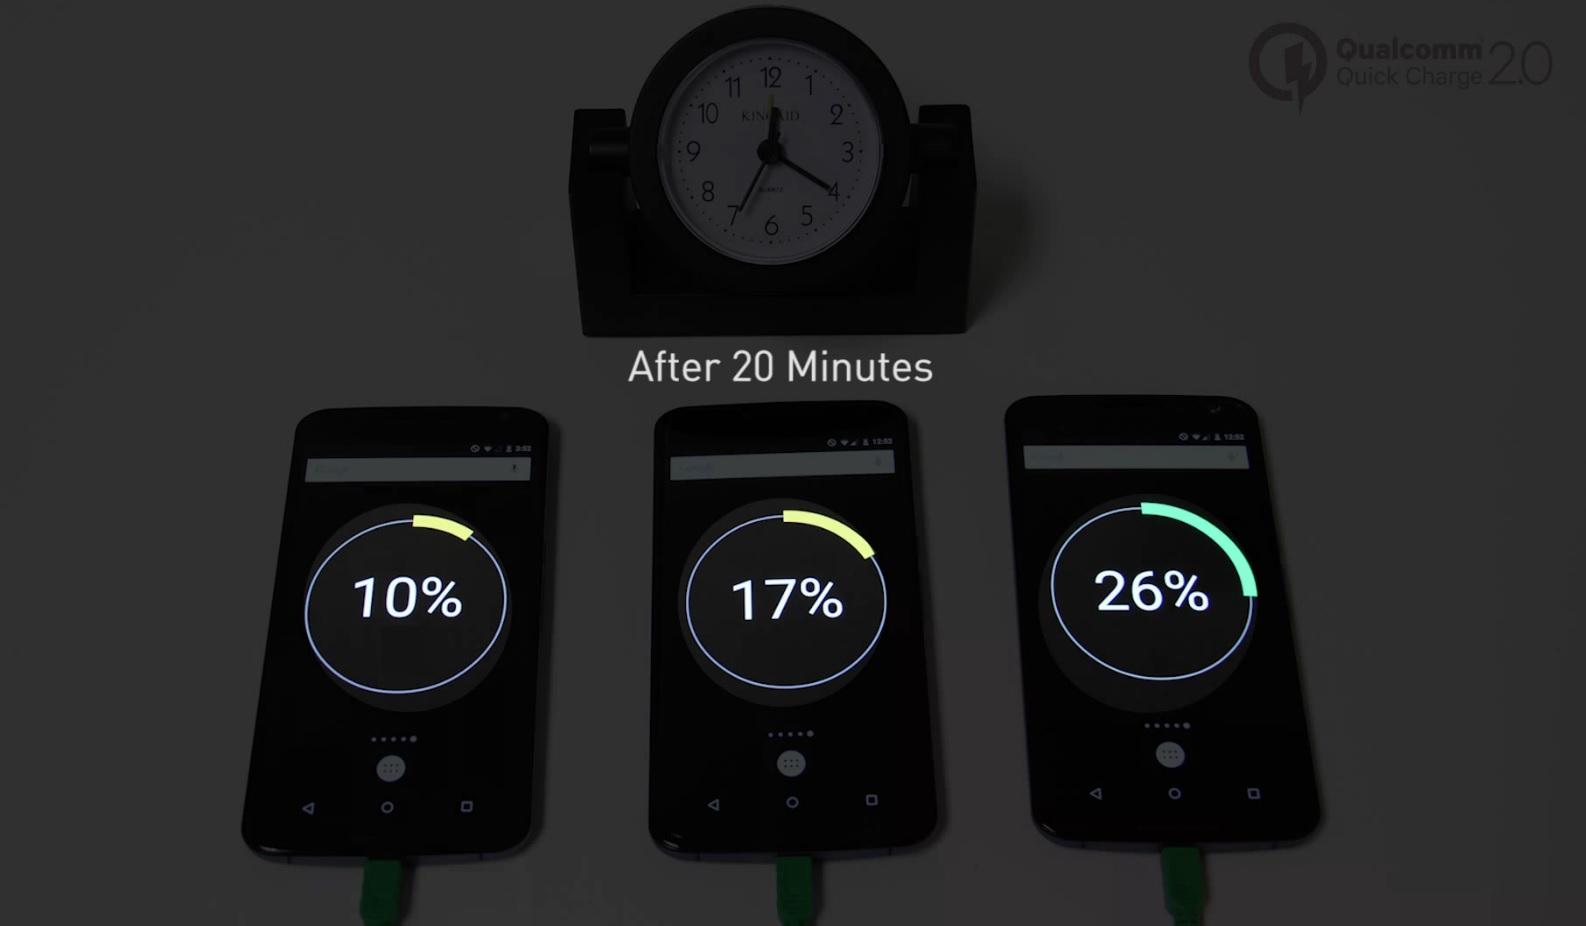 De esperar horas a minutos: así funciona la carga rápida en smartphones